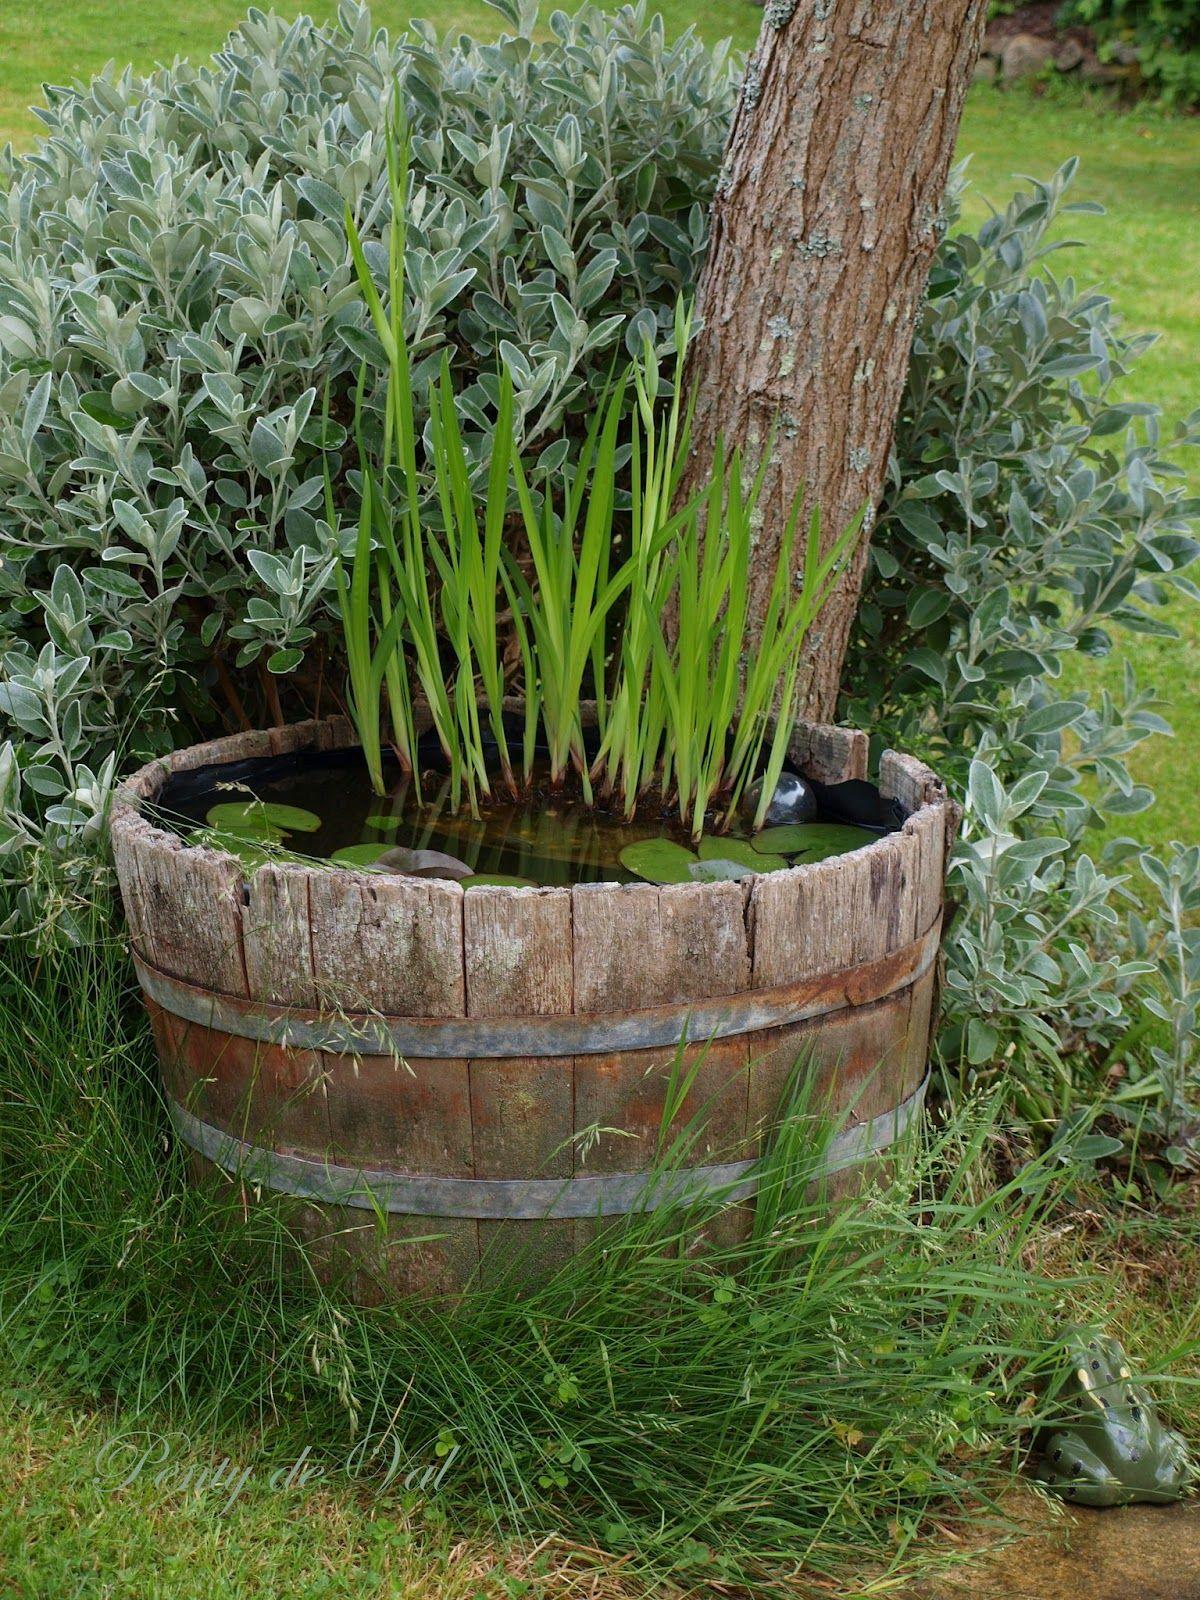 Penty de Val: Un mini bassin tonneau dans le jardin...   fleures ...